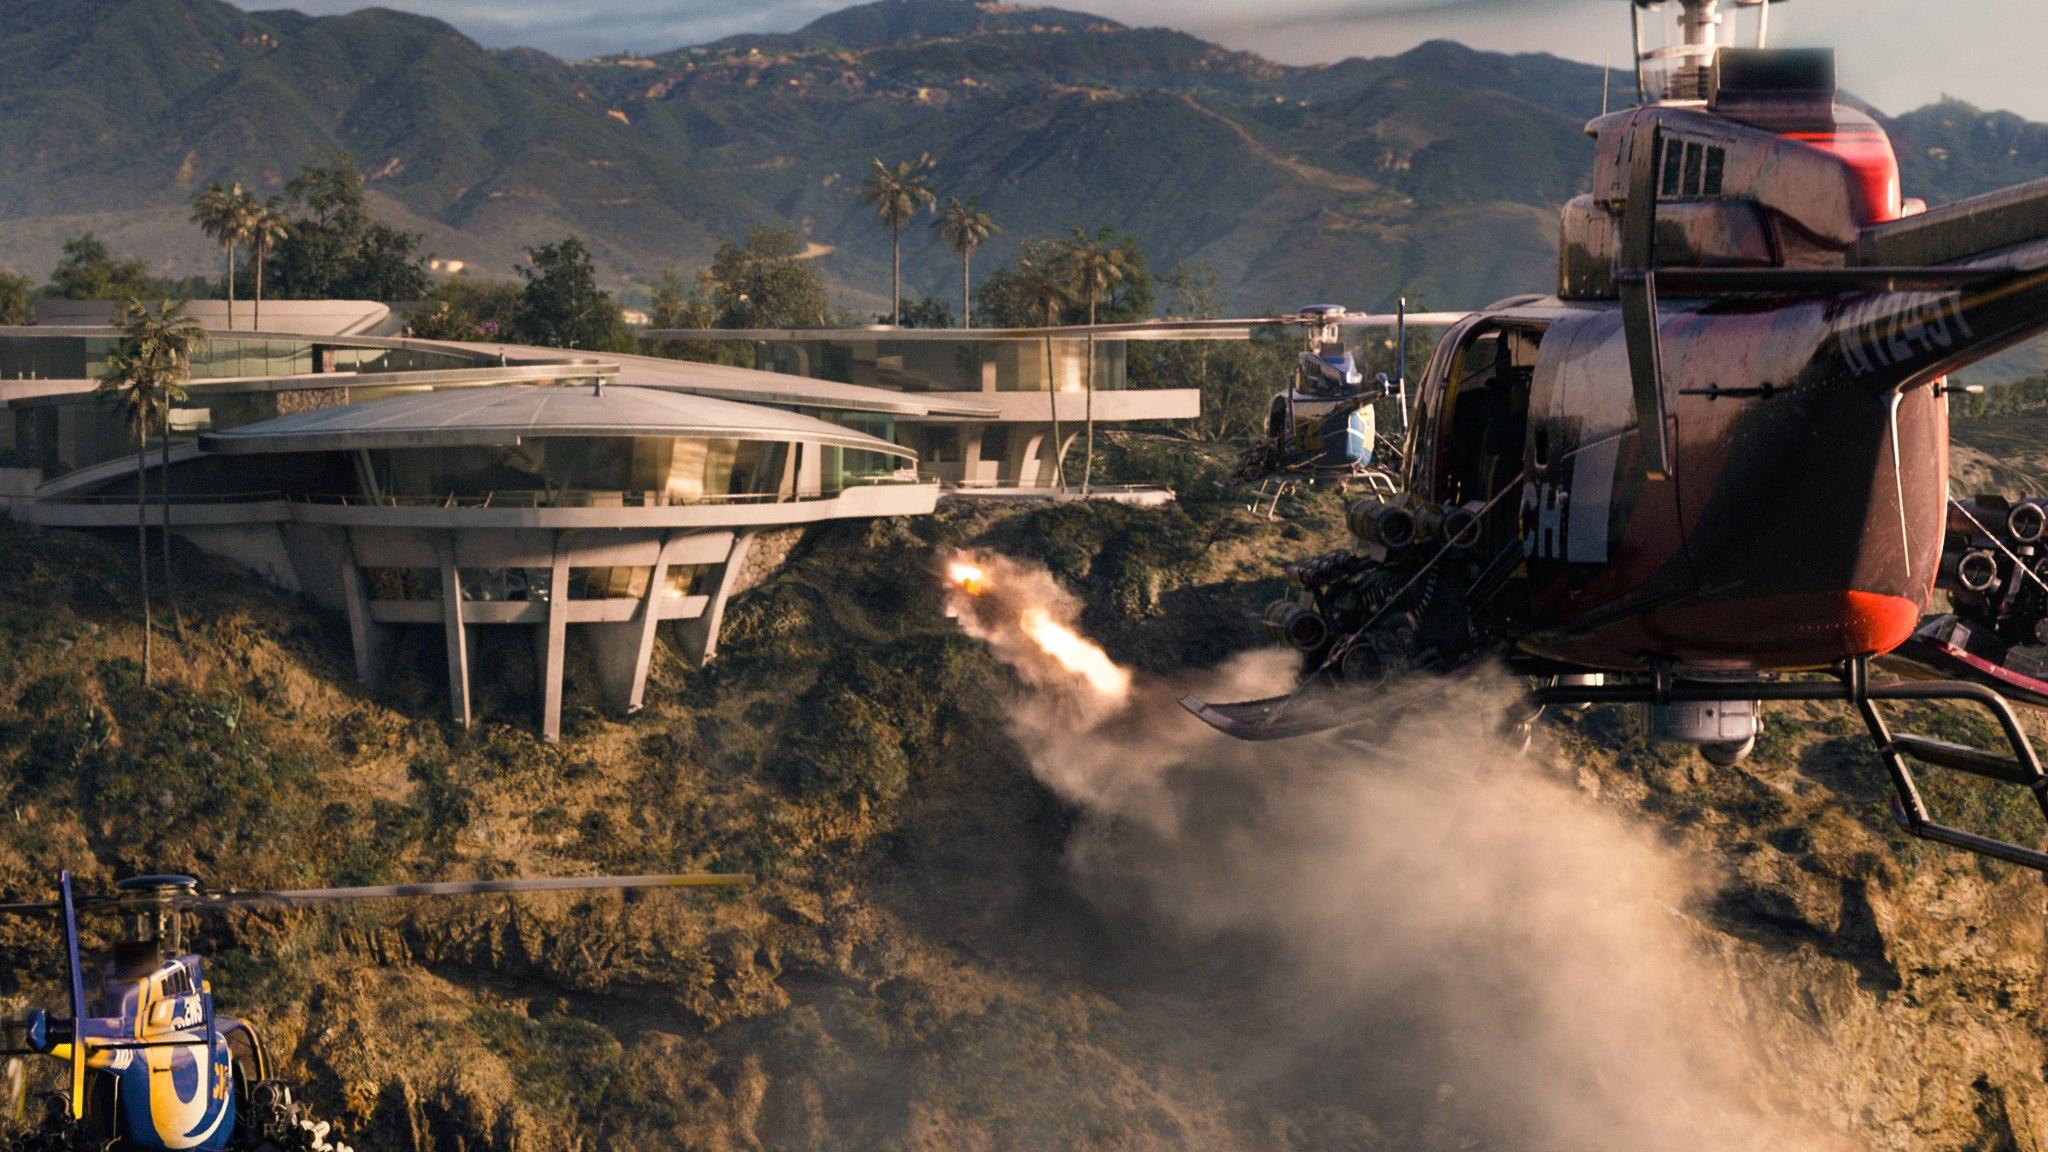 Homem De Ferro 3 Veja Gravaes De Exploses Em Hollywood